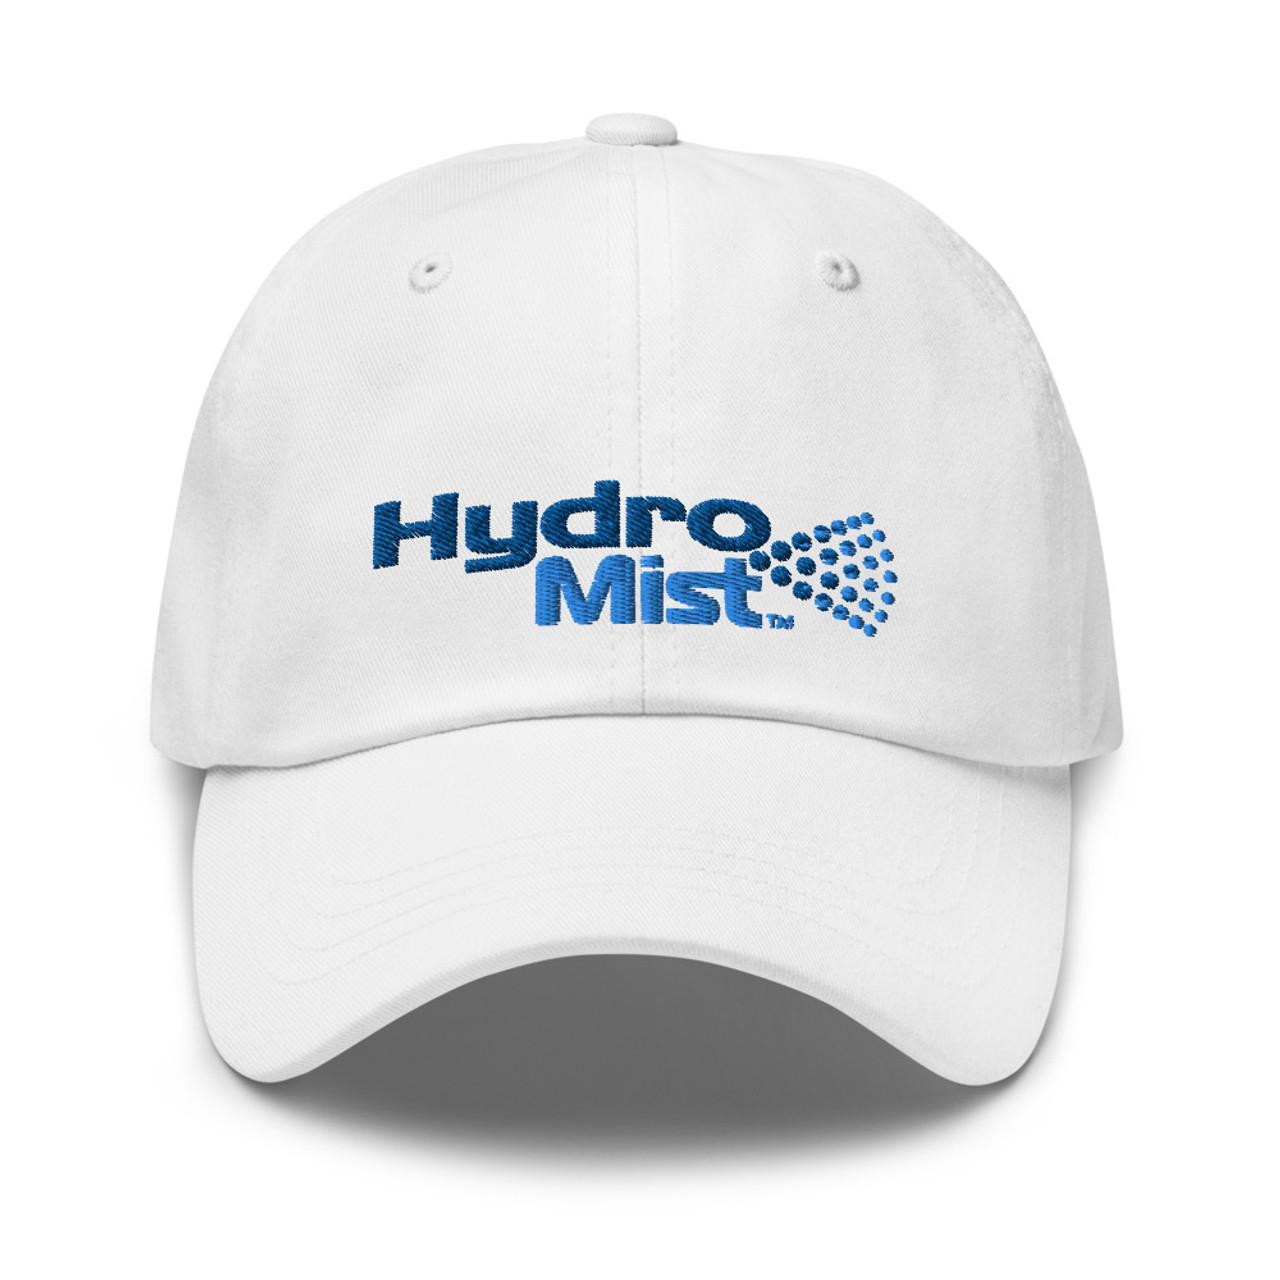 HydroMist Unstructured Dad Hat